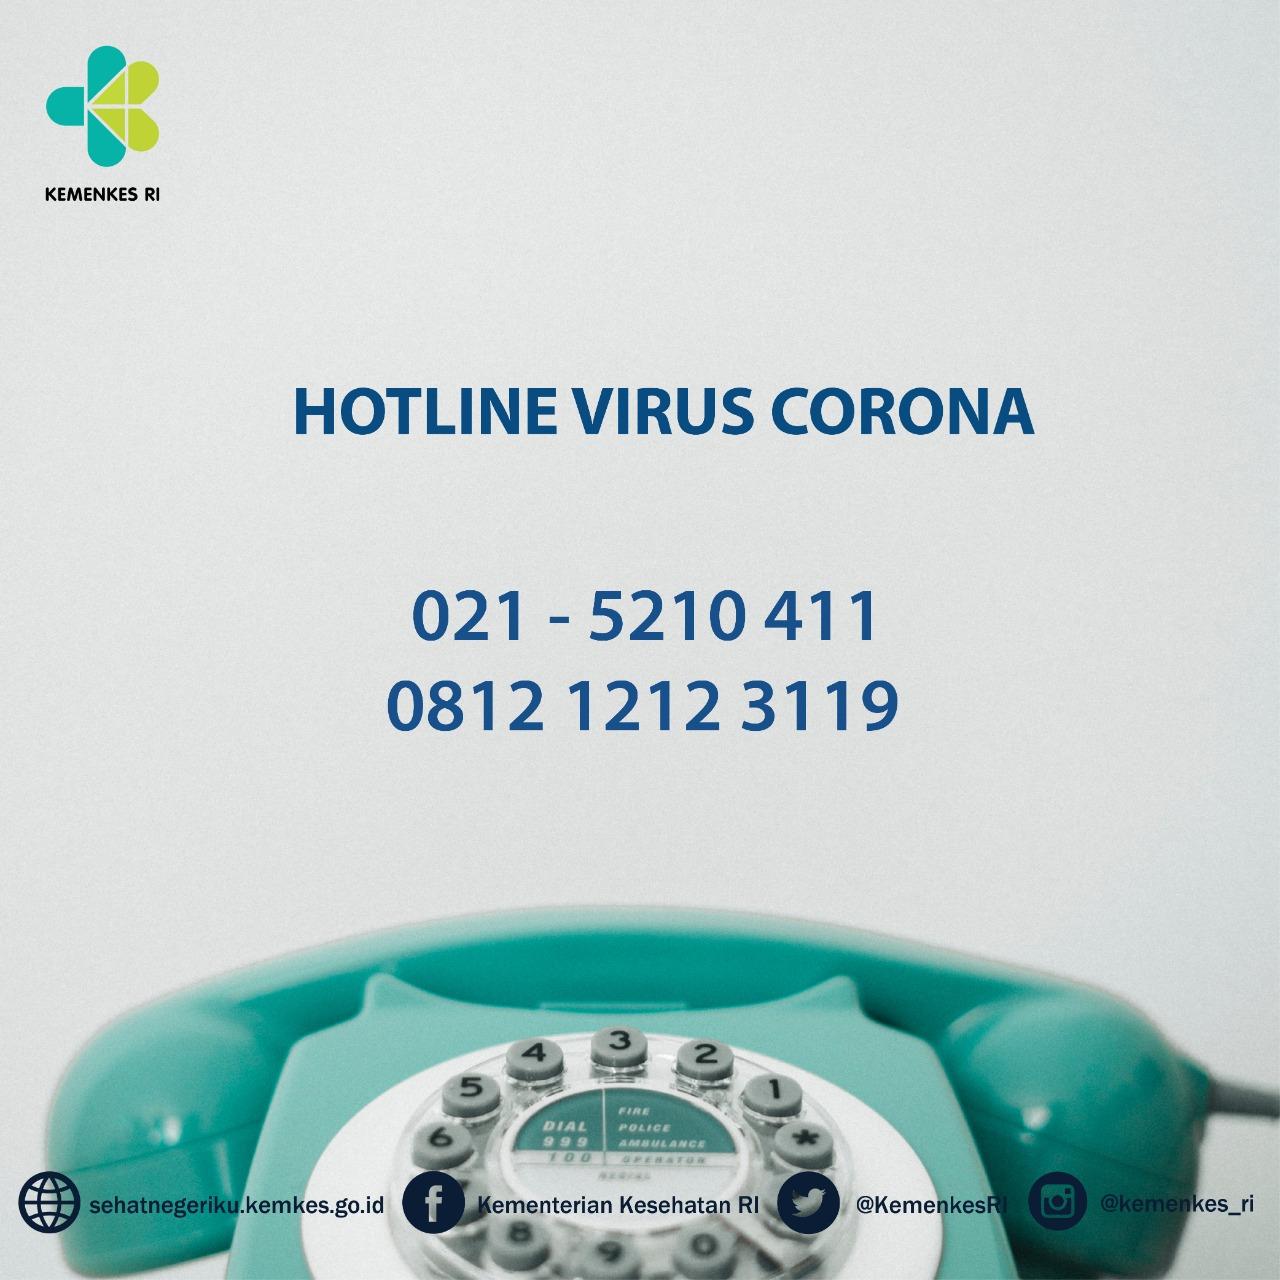 hotline telp darurat corona covid19 kemenkes ri